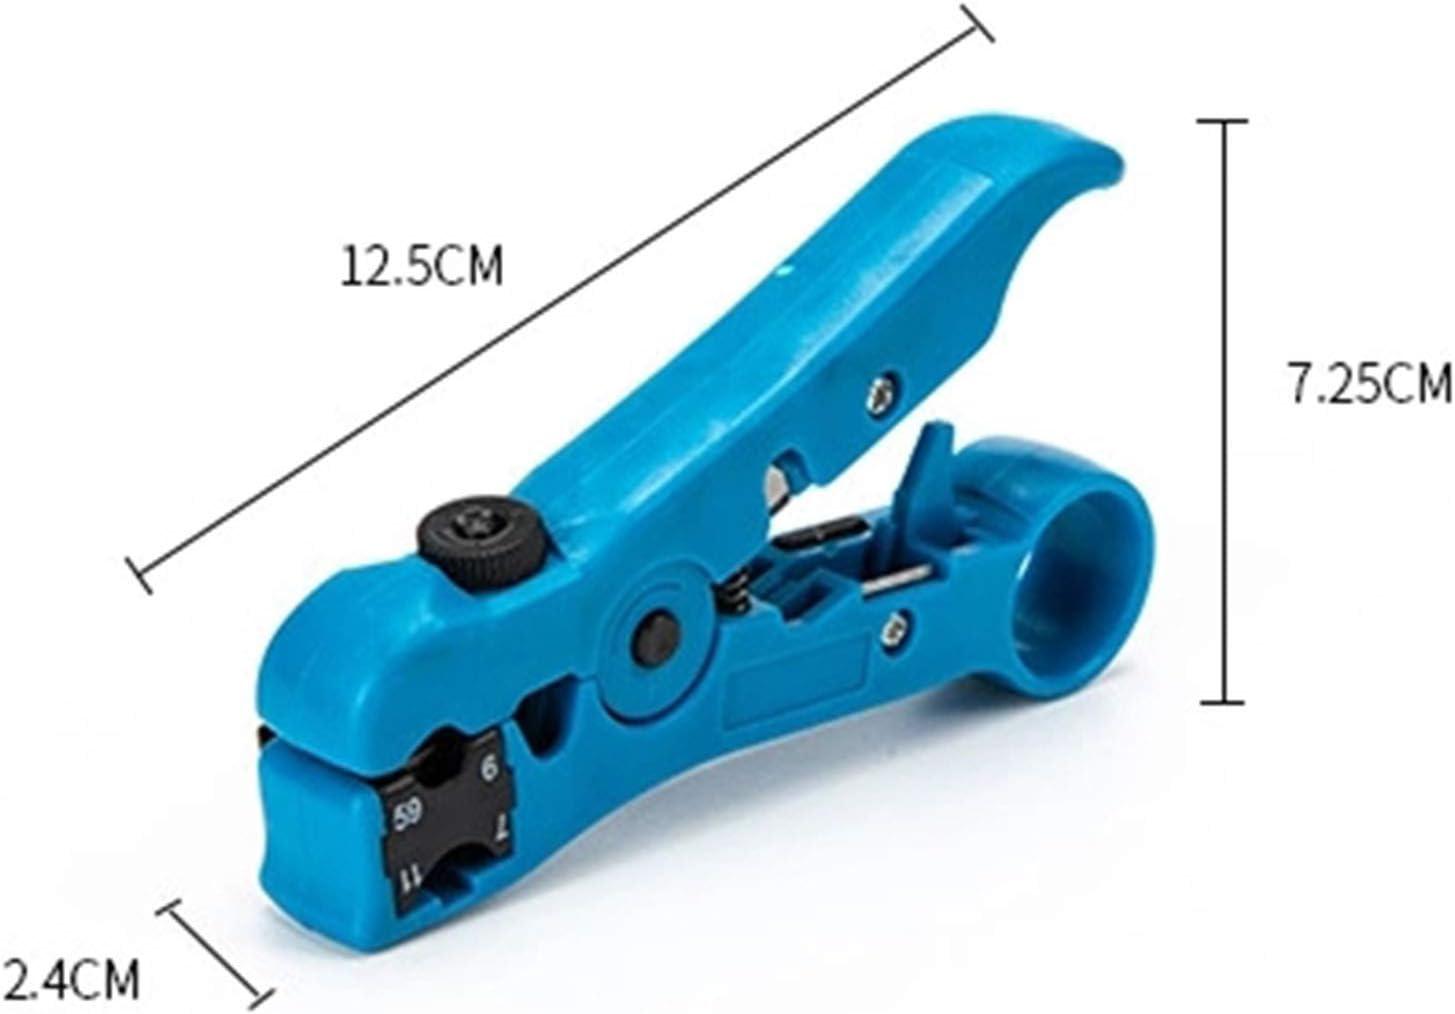 Multifonction Pince /à d/énuder Coaxial Outil R/éseau D/énudeur de C/âble R/éseau D/énudeur de C/âble//Couteau//Appareil